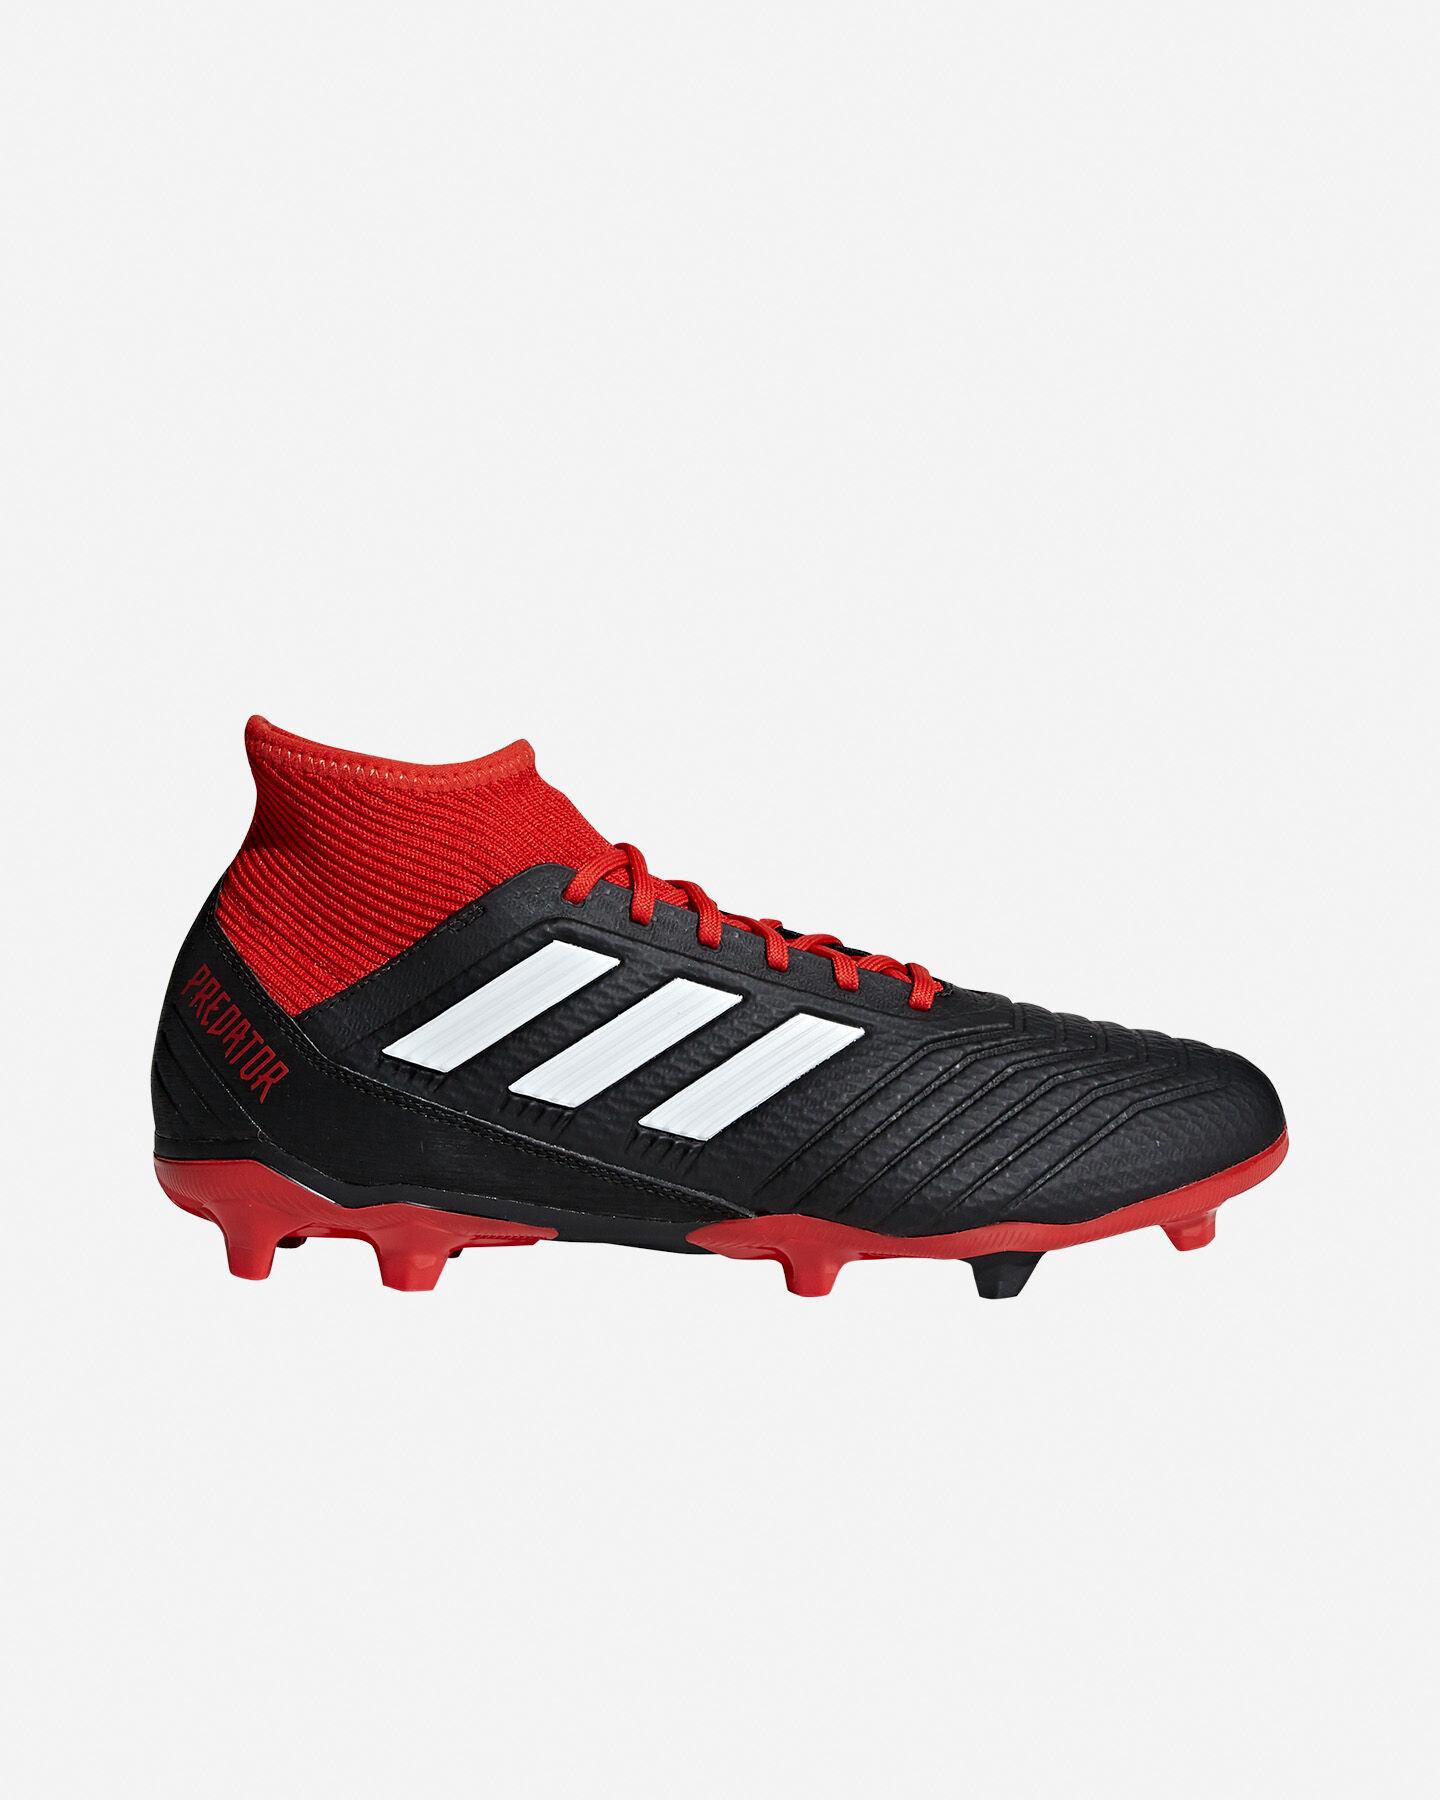 scarpe da calcio nemesis adidas